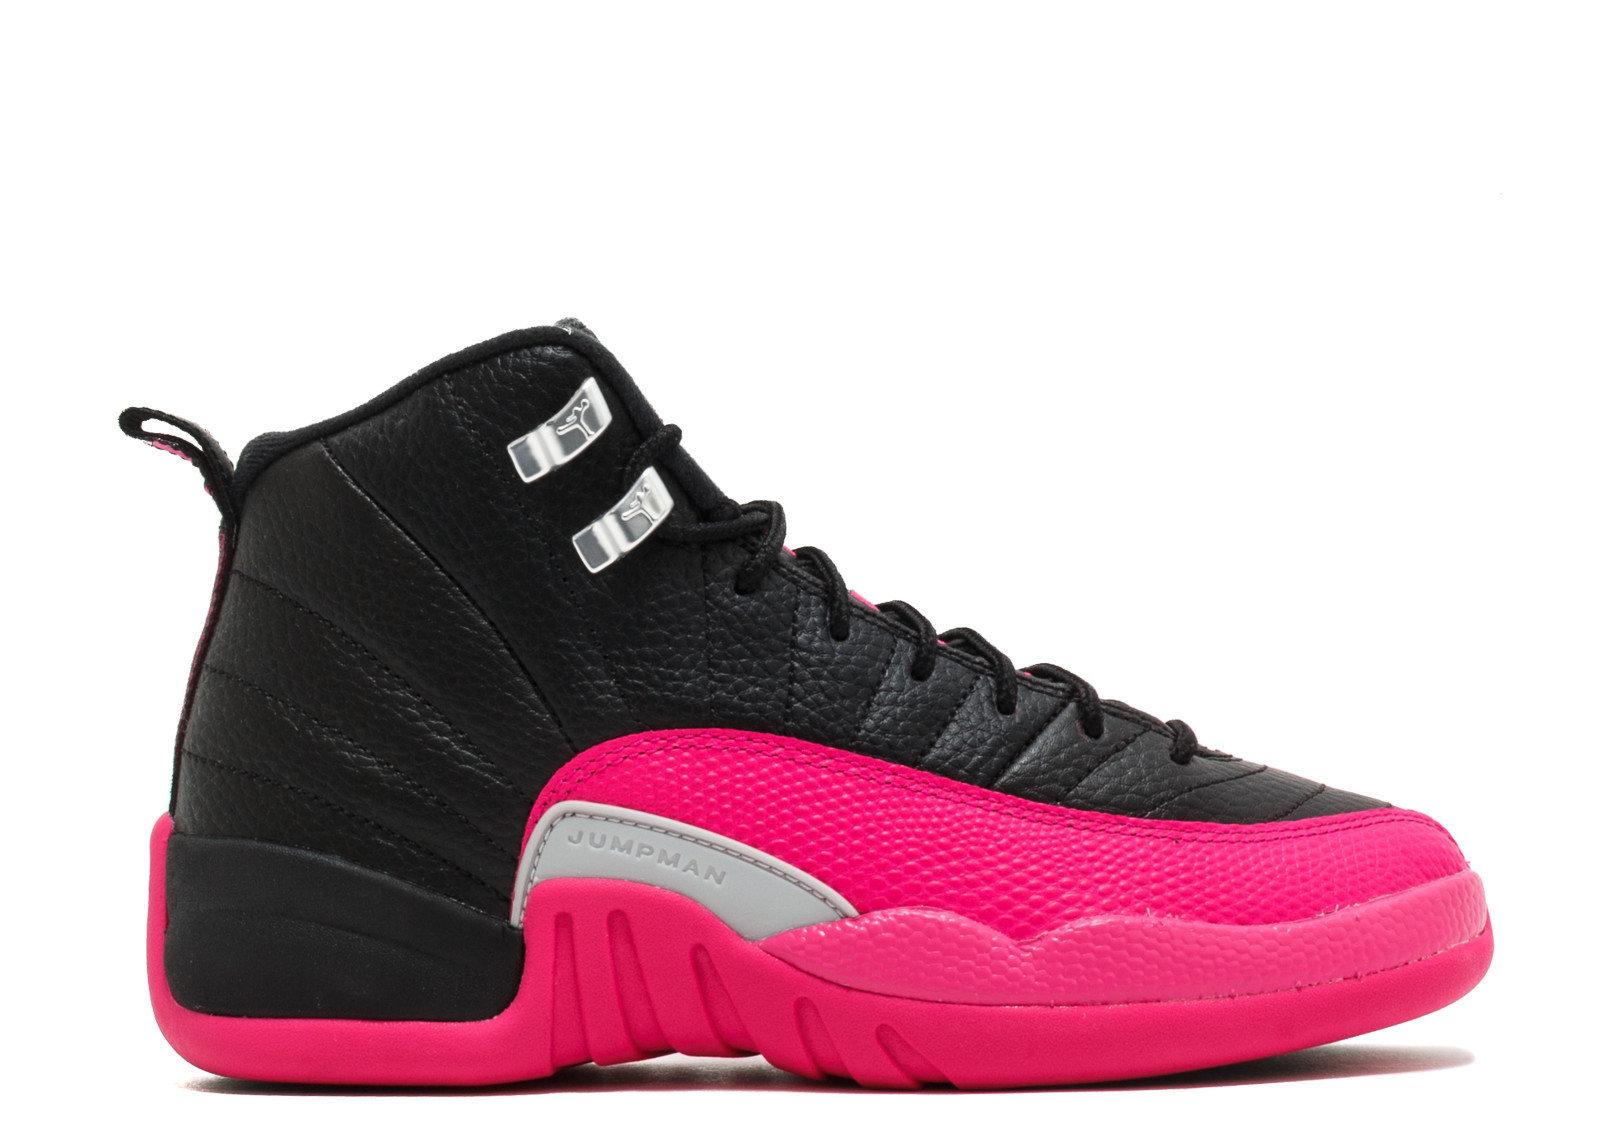 6d1ee0edb93936 discount air jordan retro 12 pink 0e2f6 a3ede